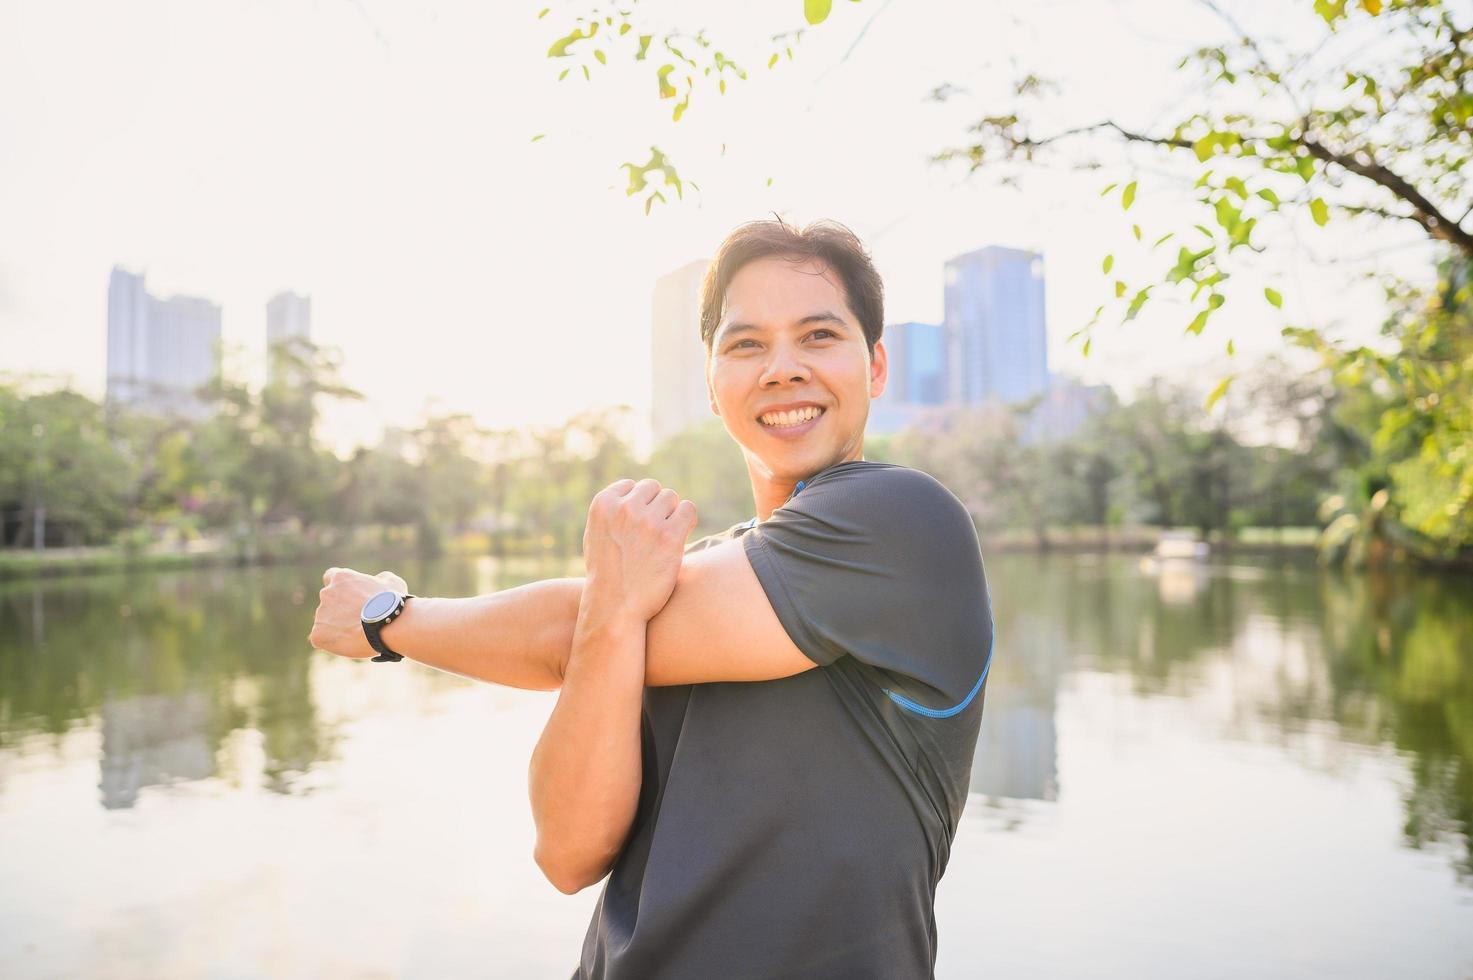 corridore maschio facendo esercizio di stretching spalla foto